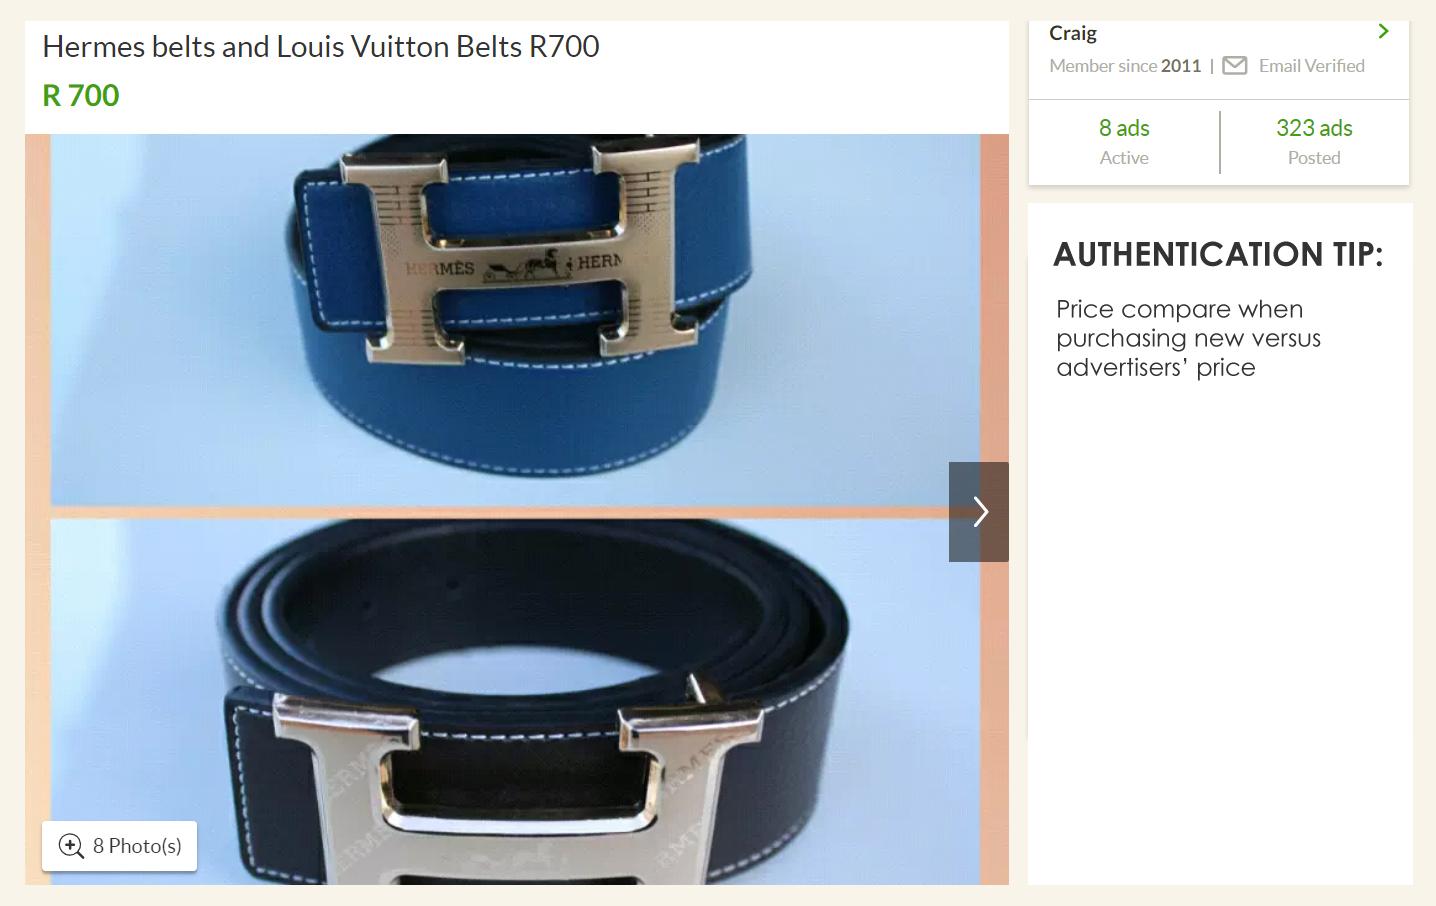 Fake Hermes belts